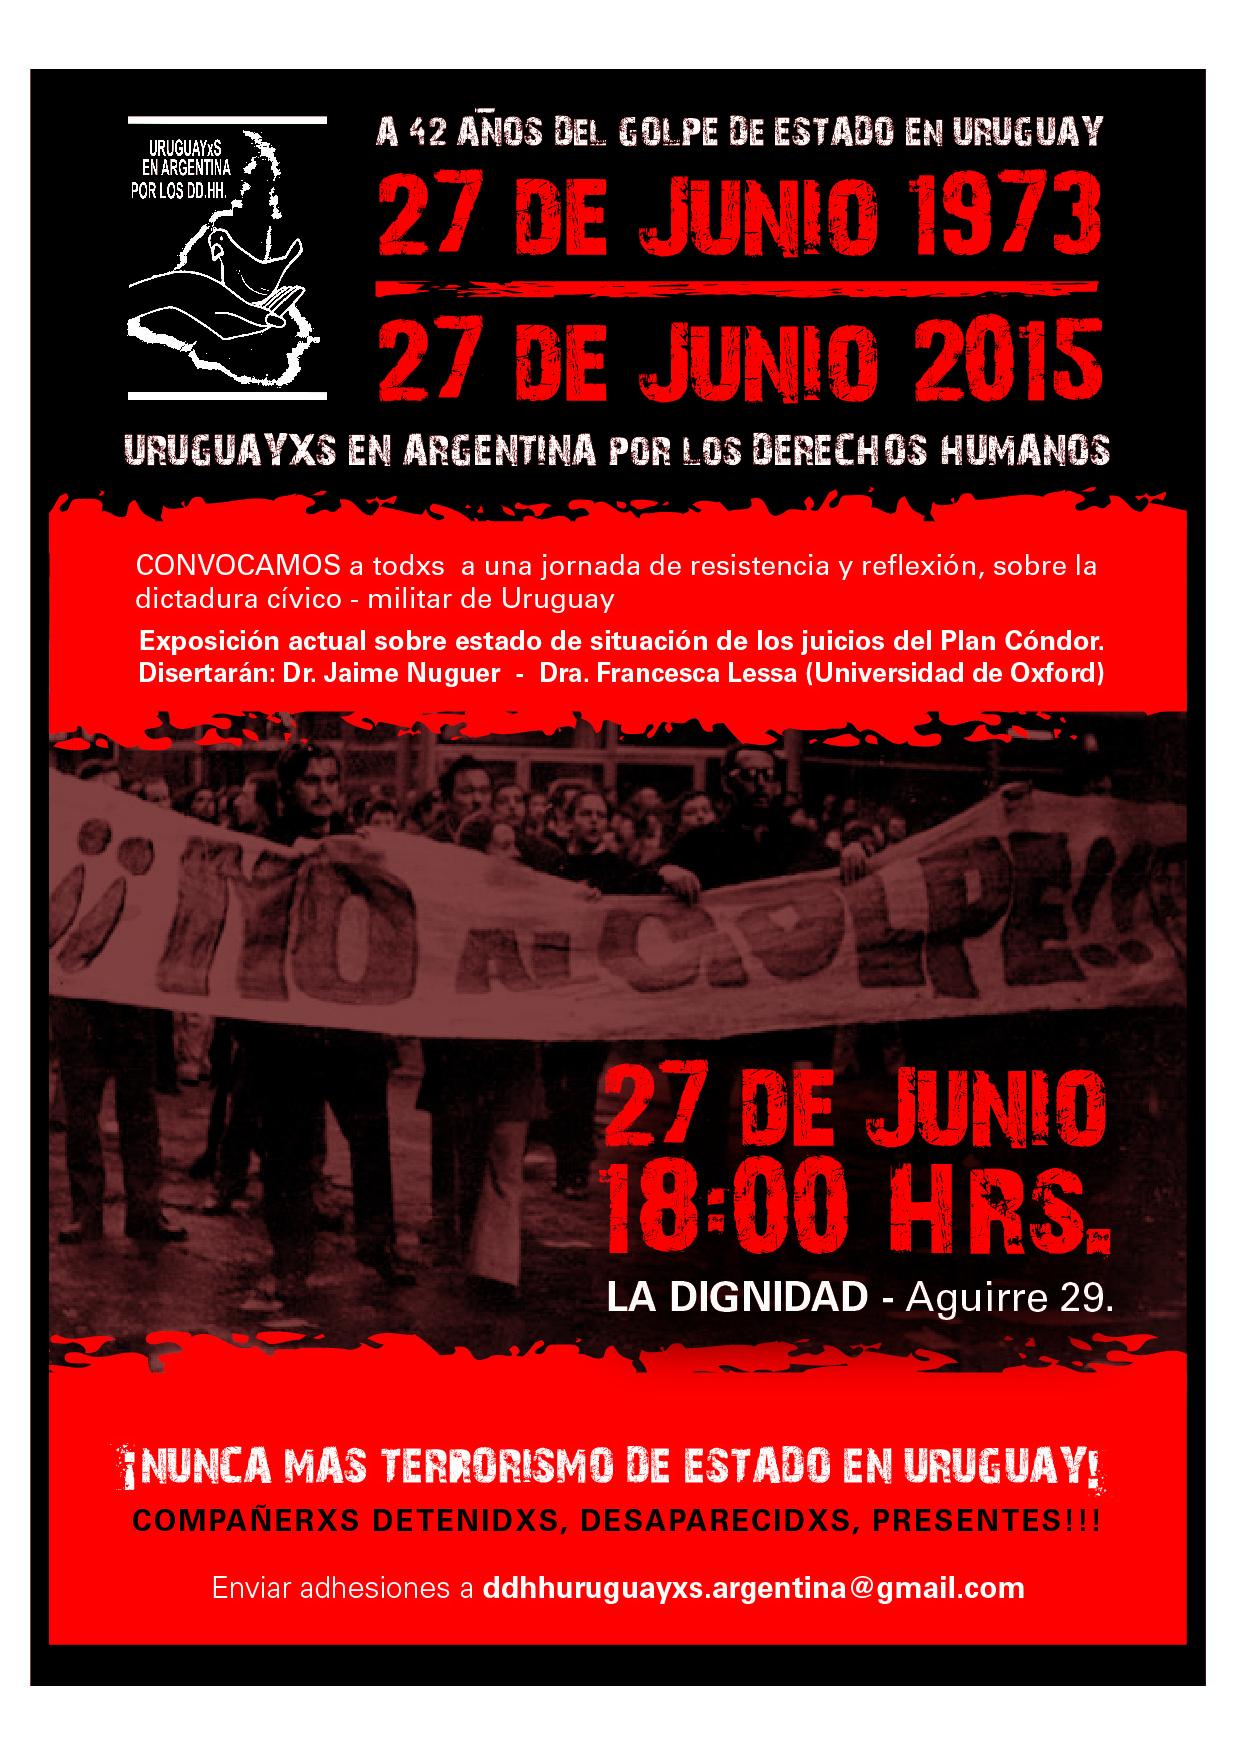 Uruguayos en la Argentina: acto de resistencia y reflexión a 42 años del golpe